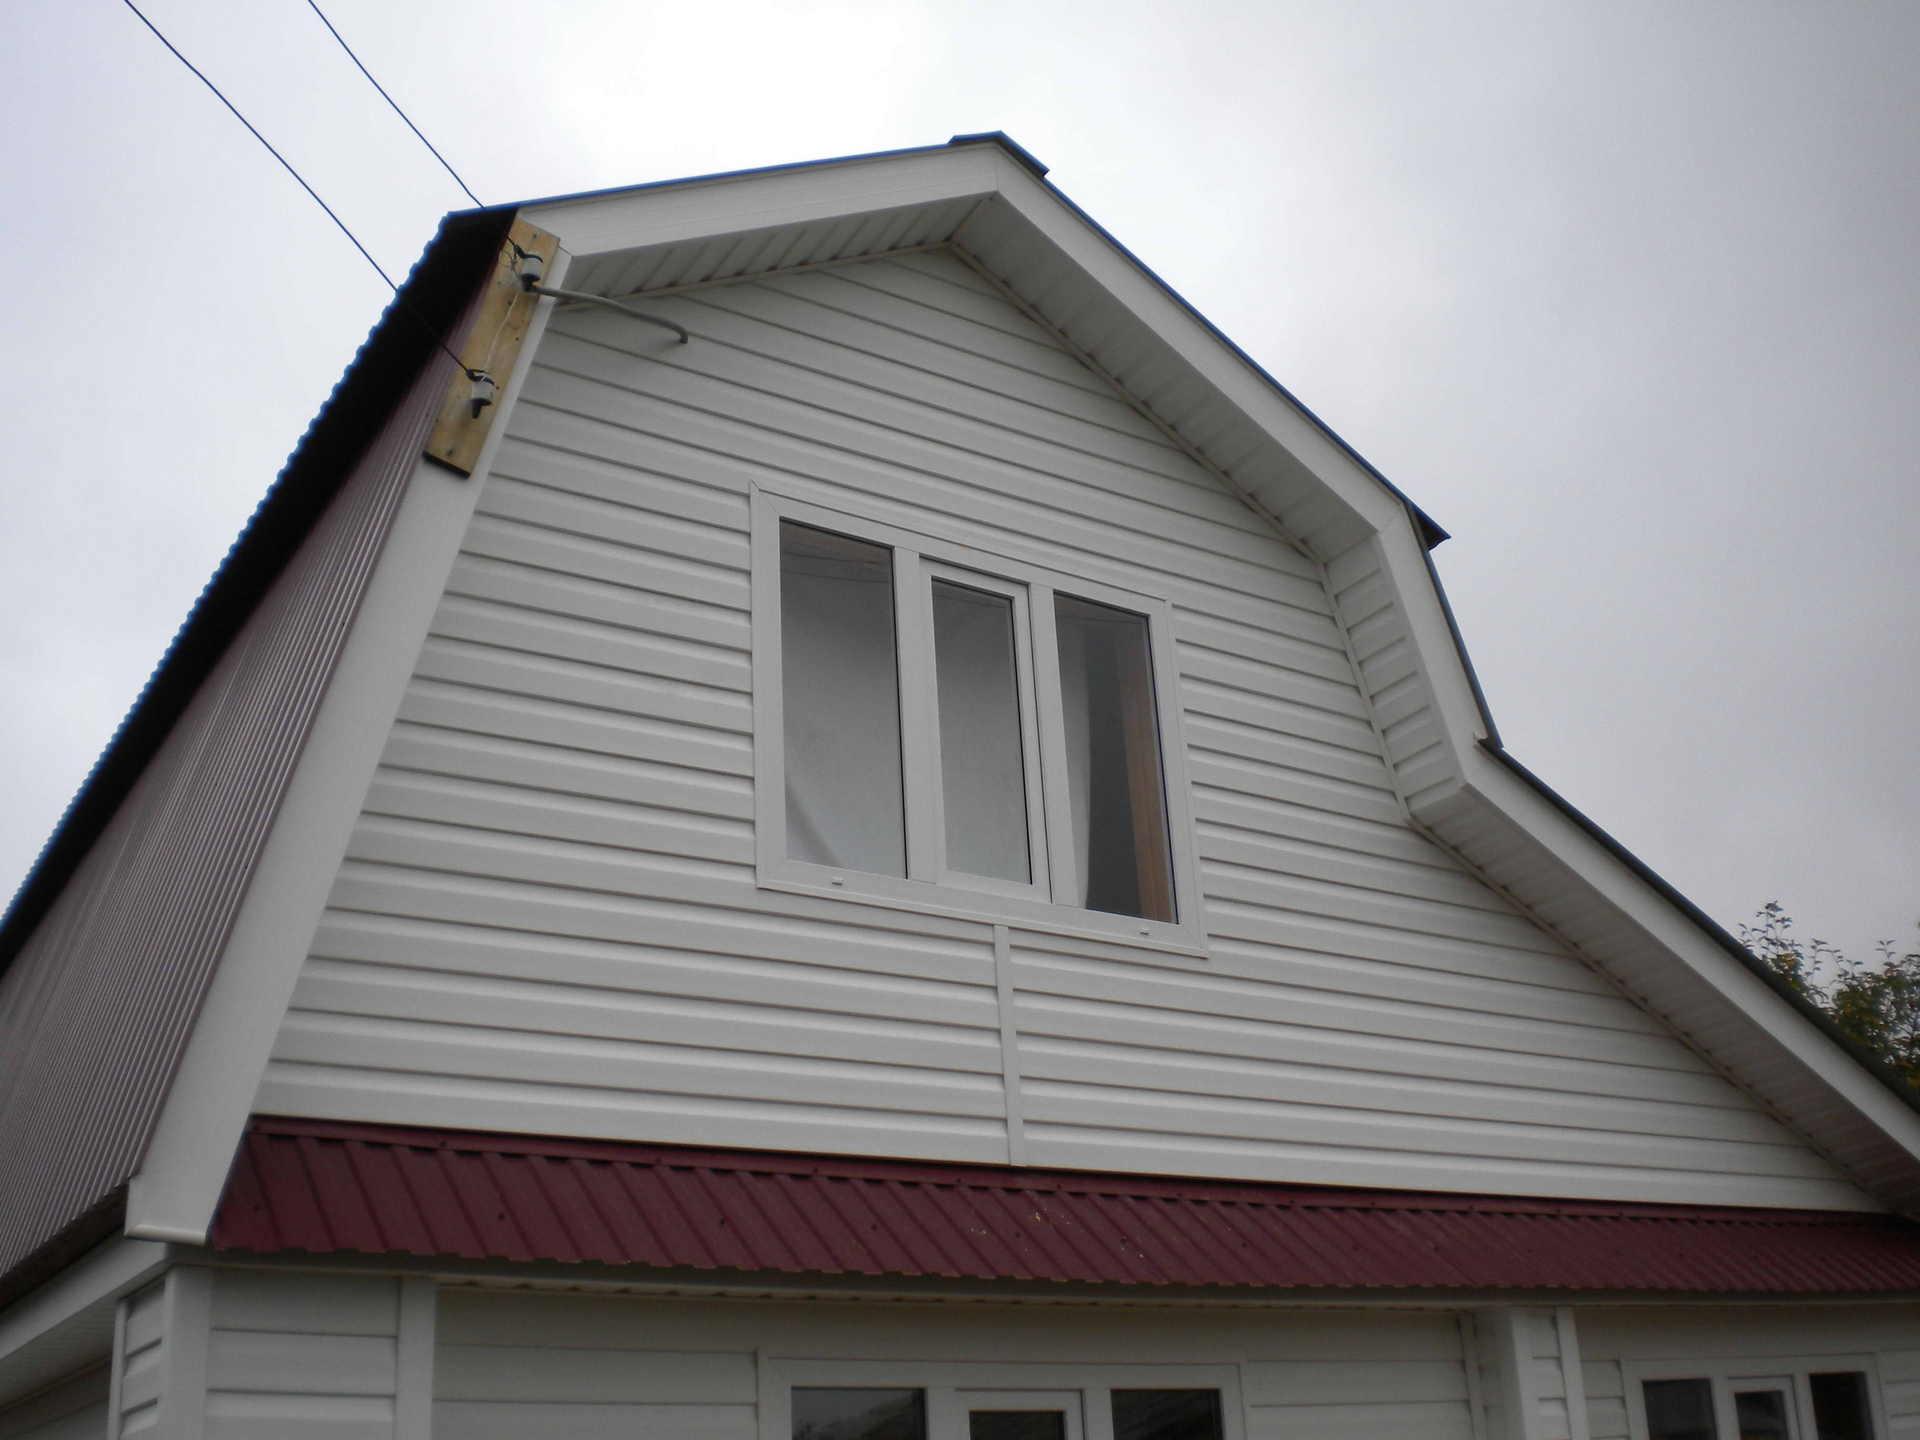 собрался картинки домов с сайдингом цвет пустырник получается очень вкусной